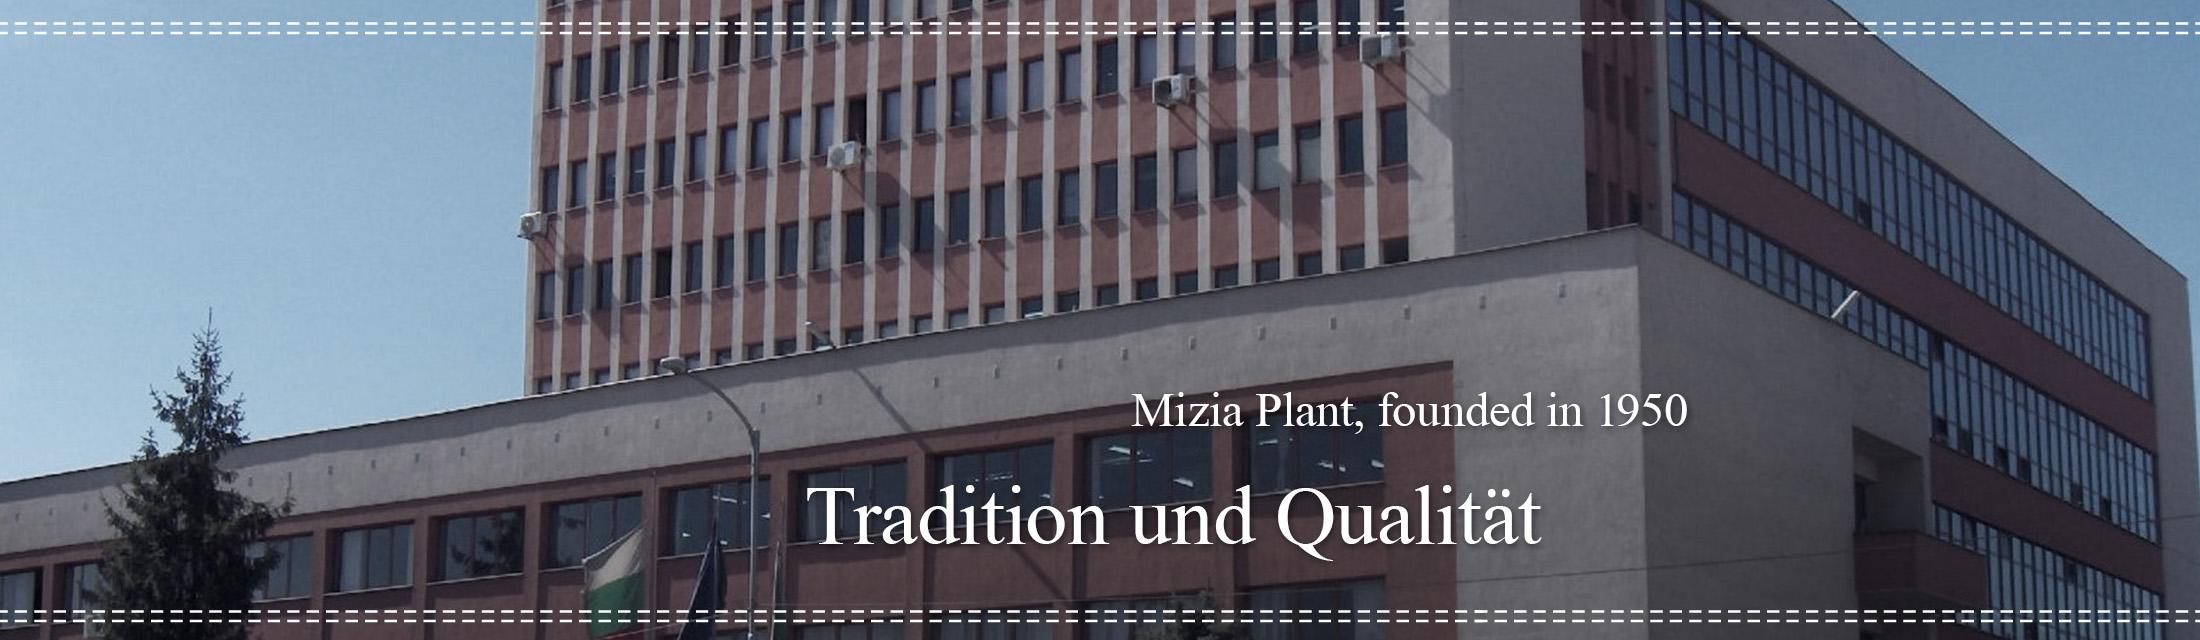 Традиция и качество - завод Мизия, основан през 1950 г.